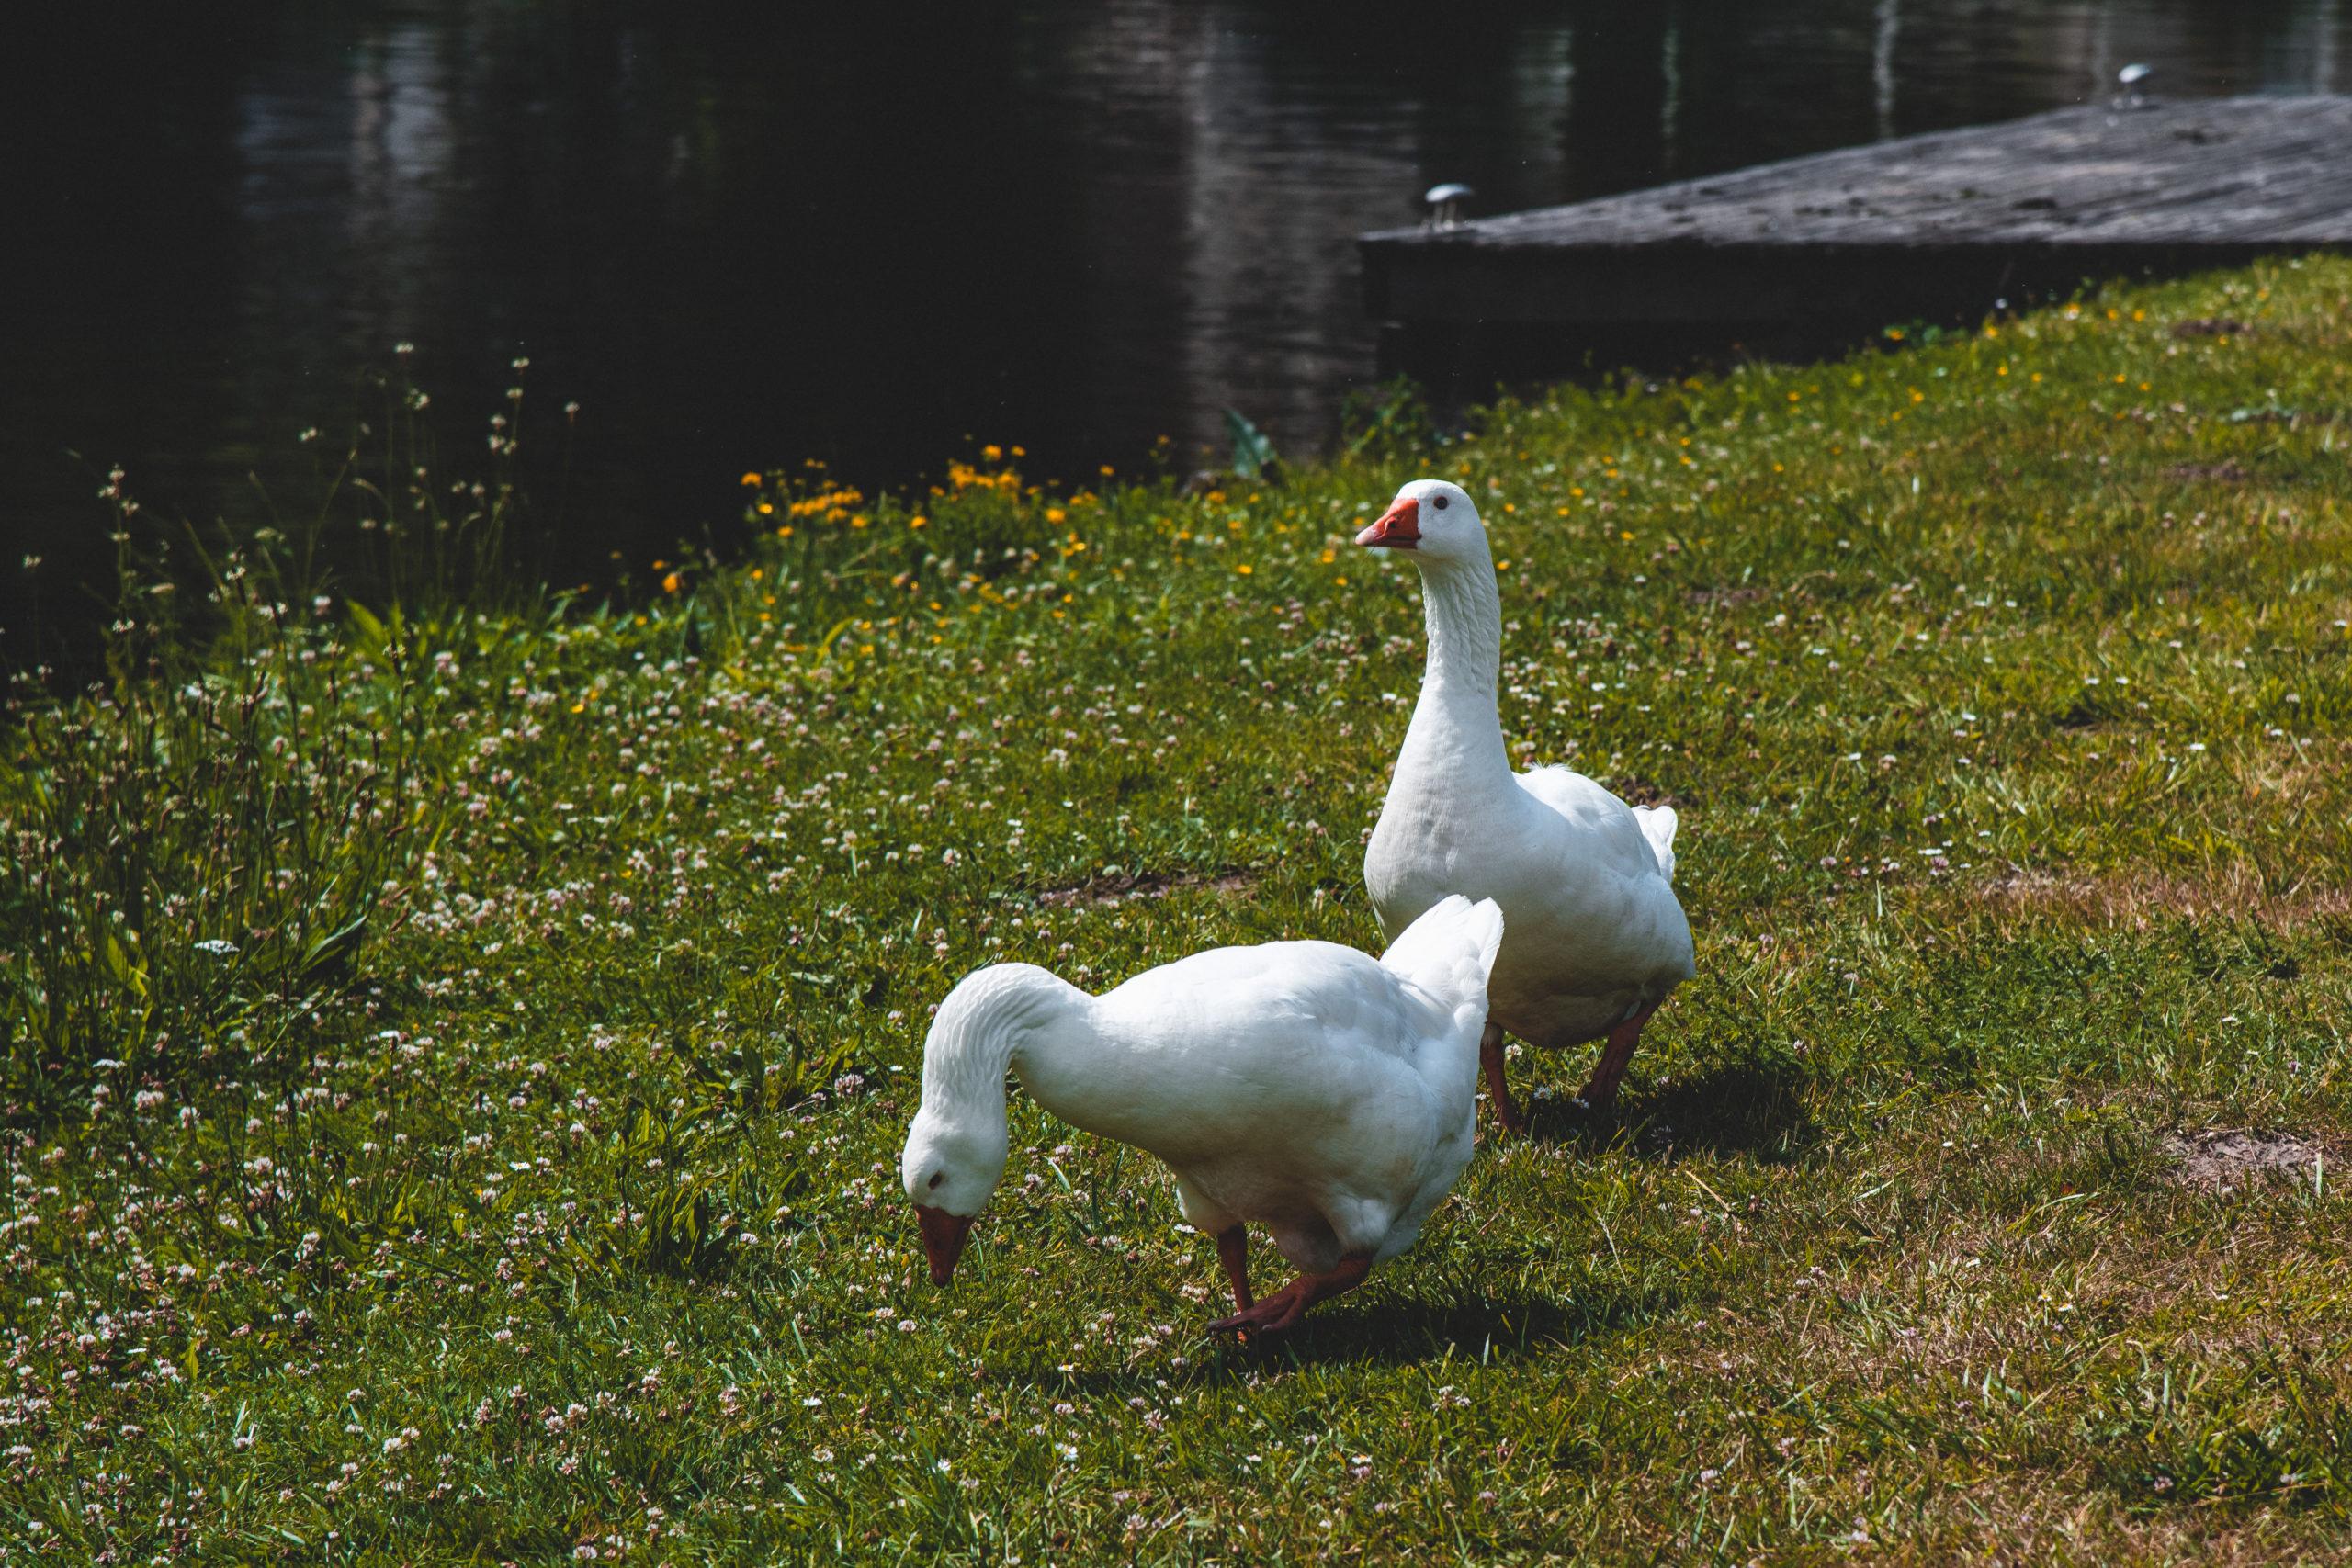 Vallée de Somme étangs éclusier vaux marais somme